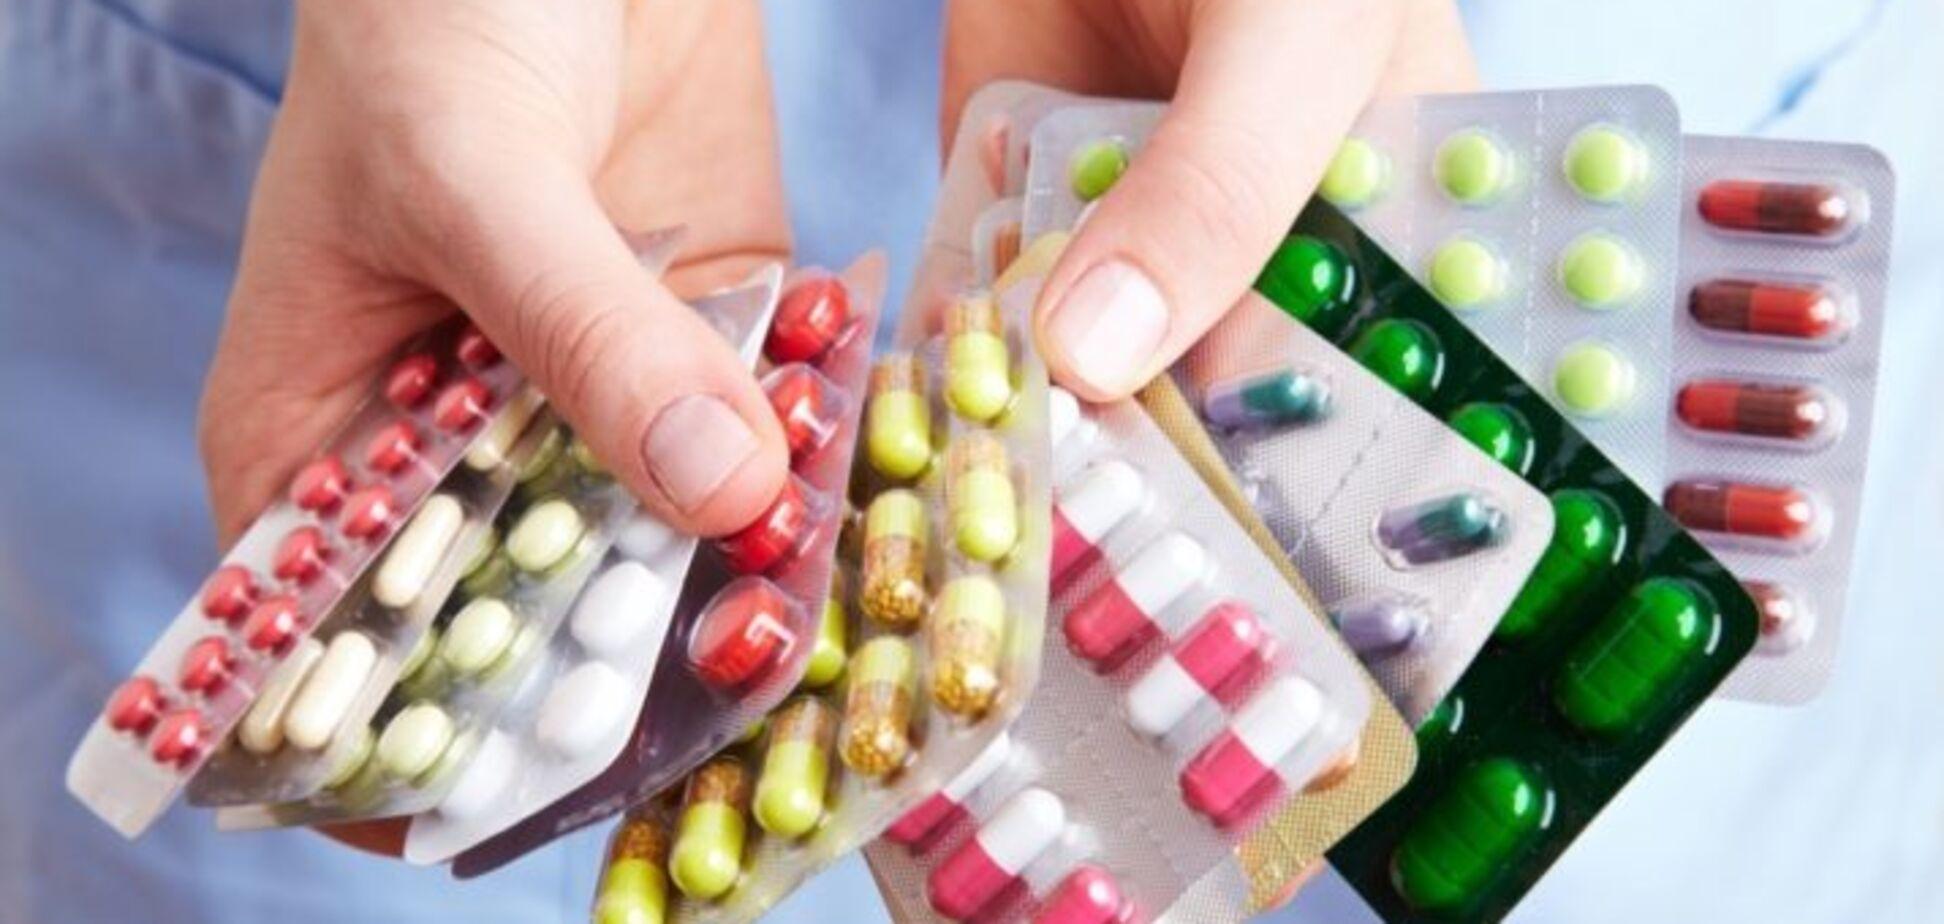 Склады больниц полны лекарств, но пациентов заставляют их покупать